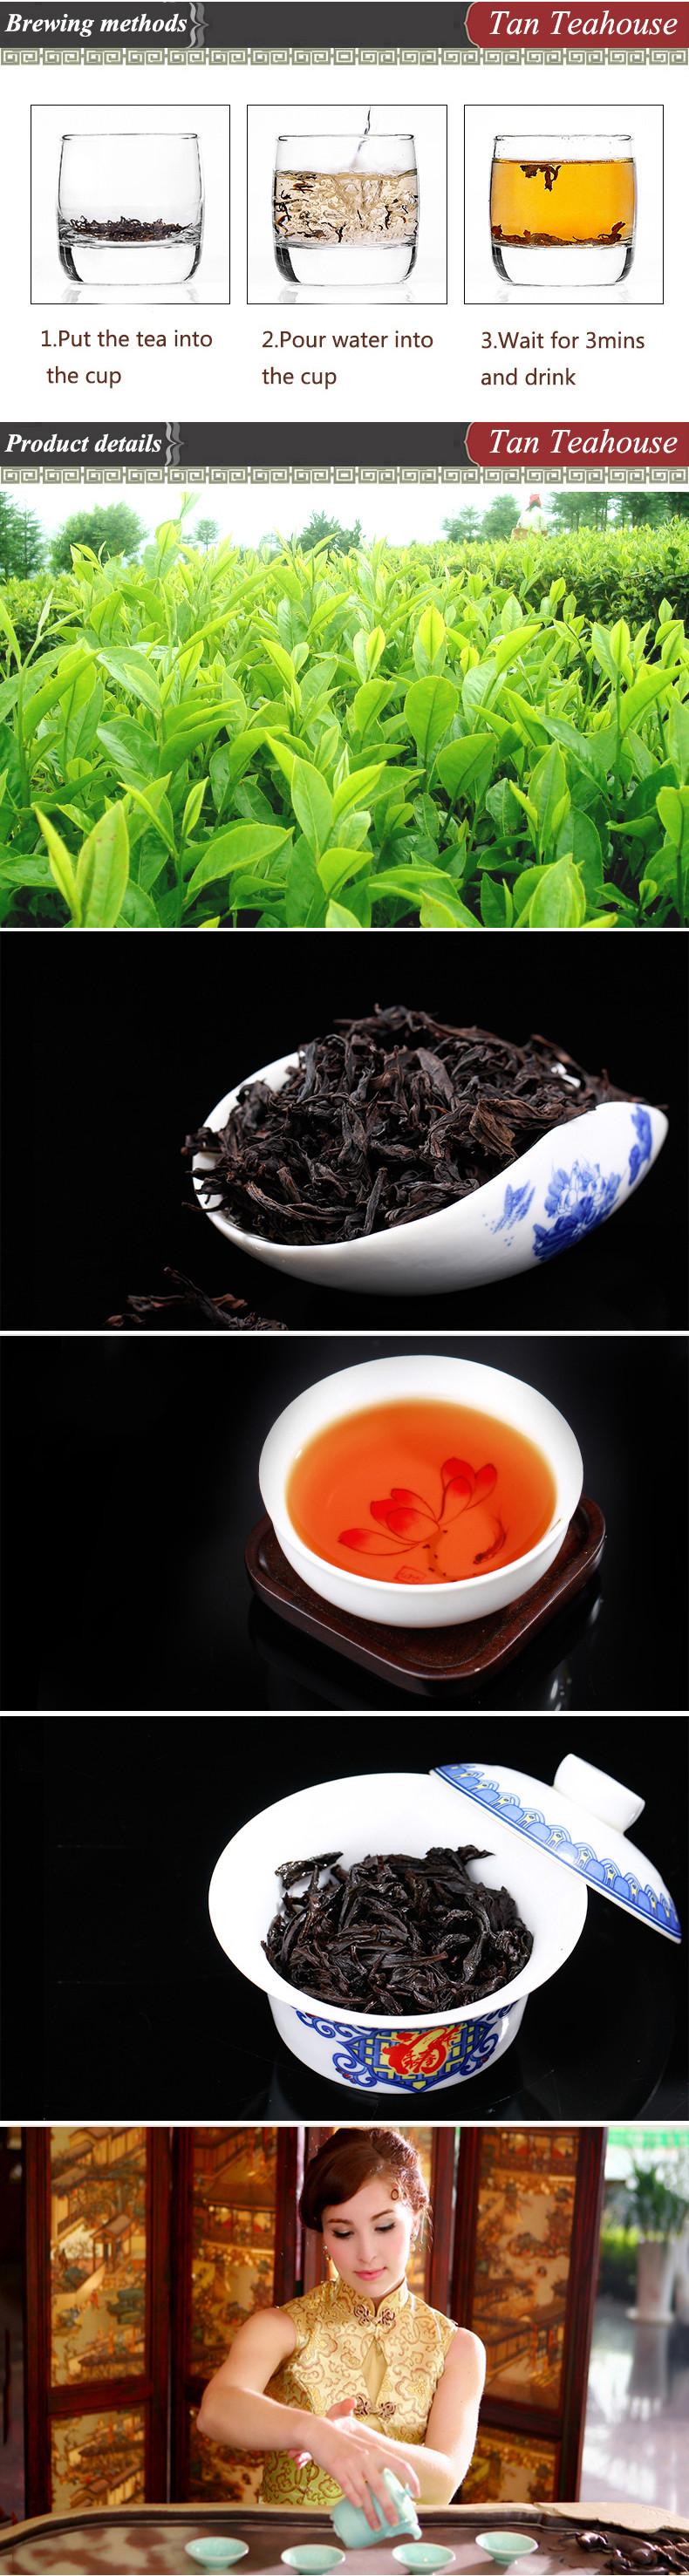 Чай молочный улун 2016 DaHongPao Da Hong Pao 50